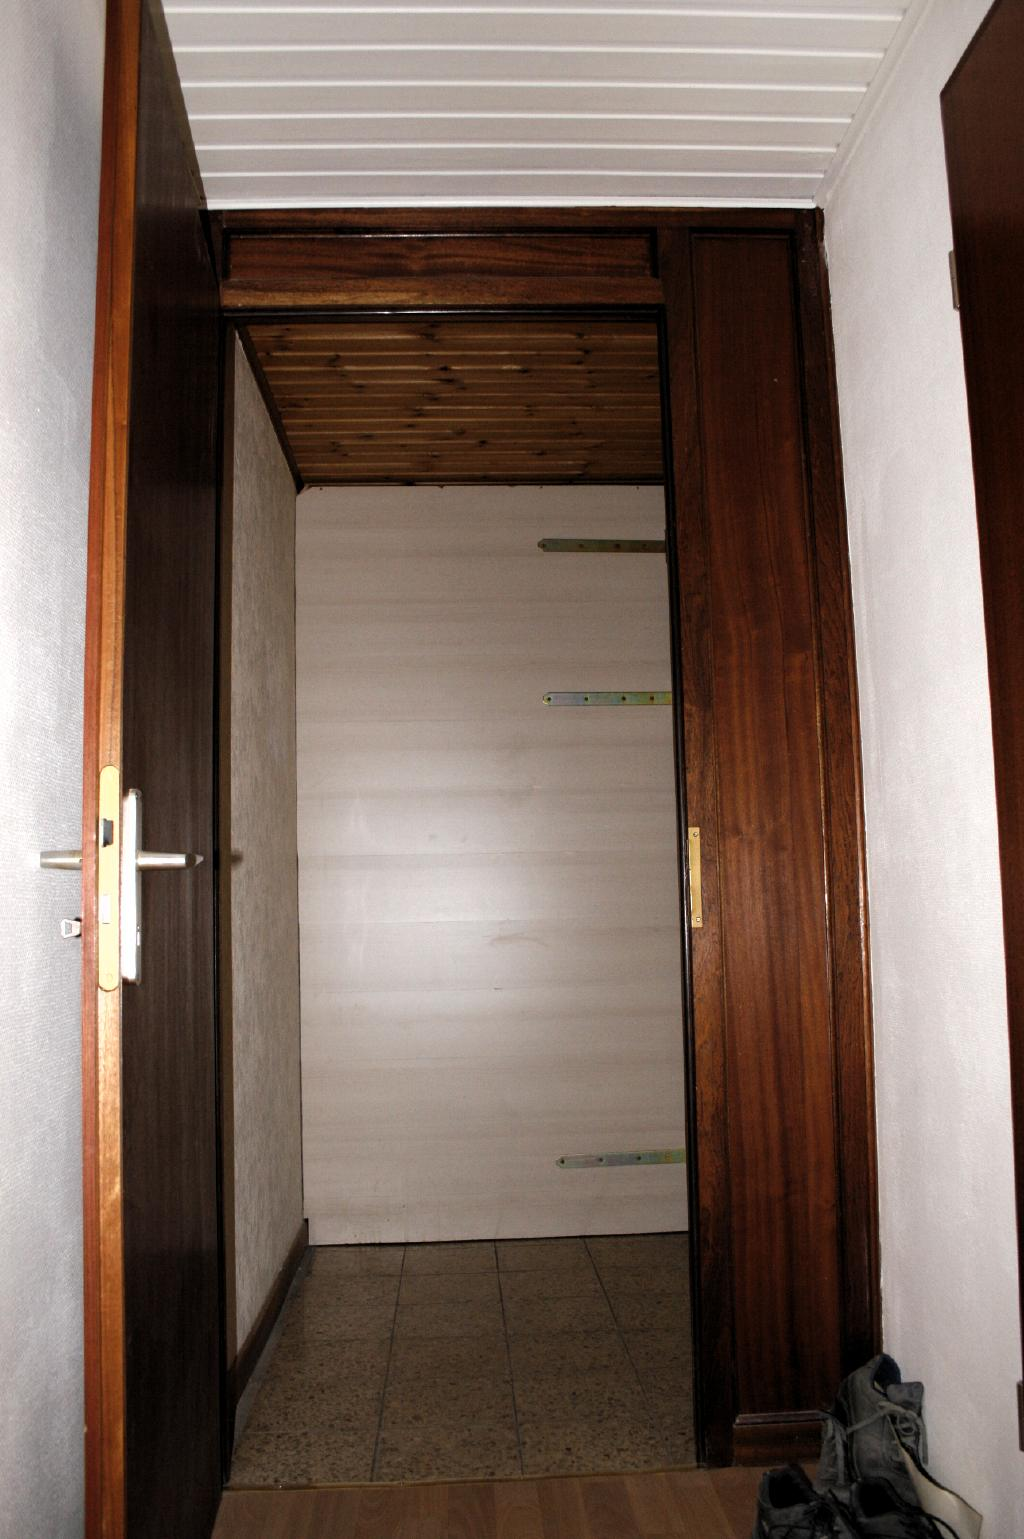 Eiken Slaapkamer Verven : Eiken slaapkamer verven geruimd de deur die ...